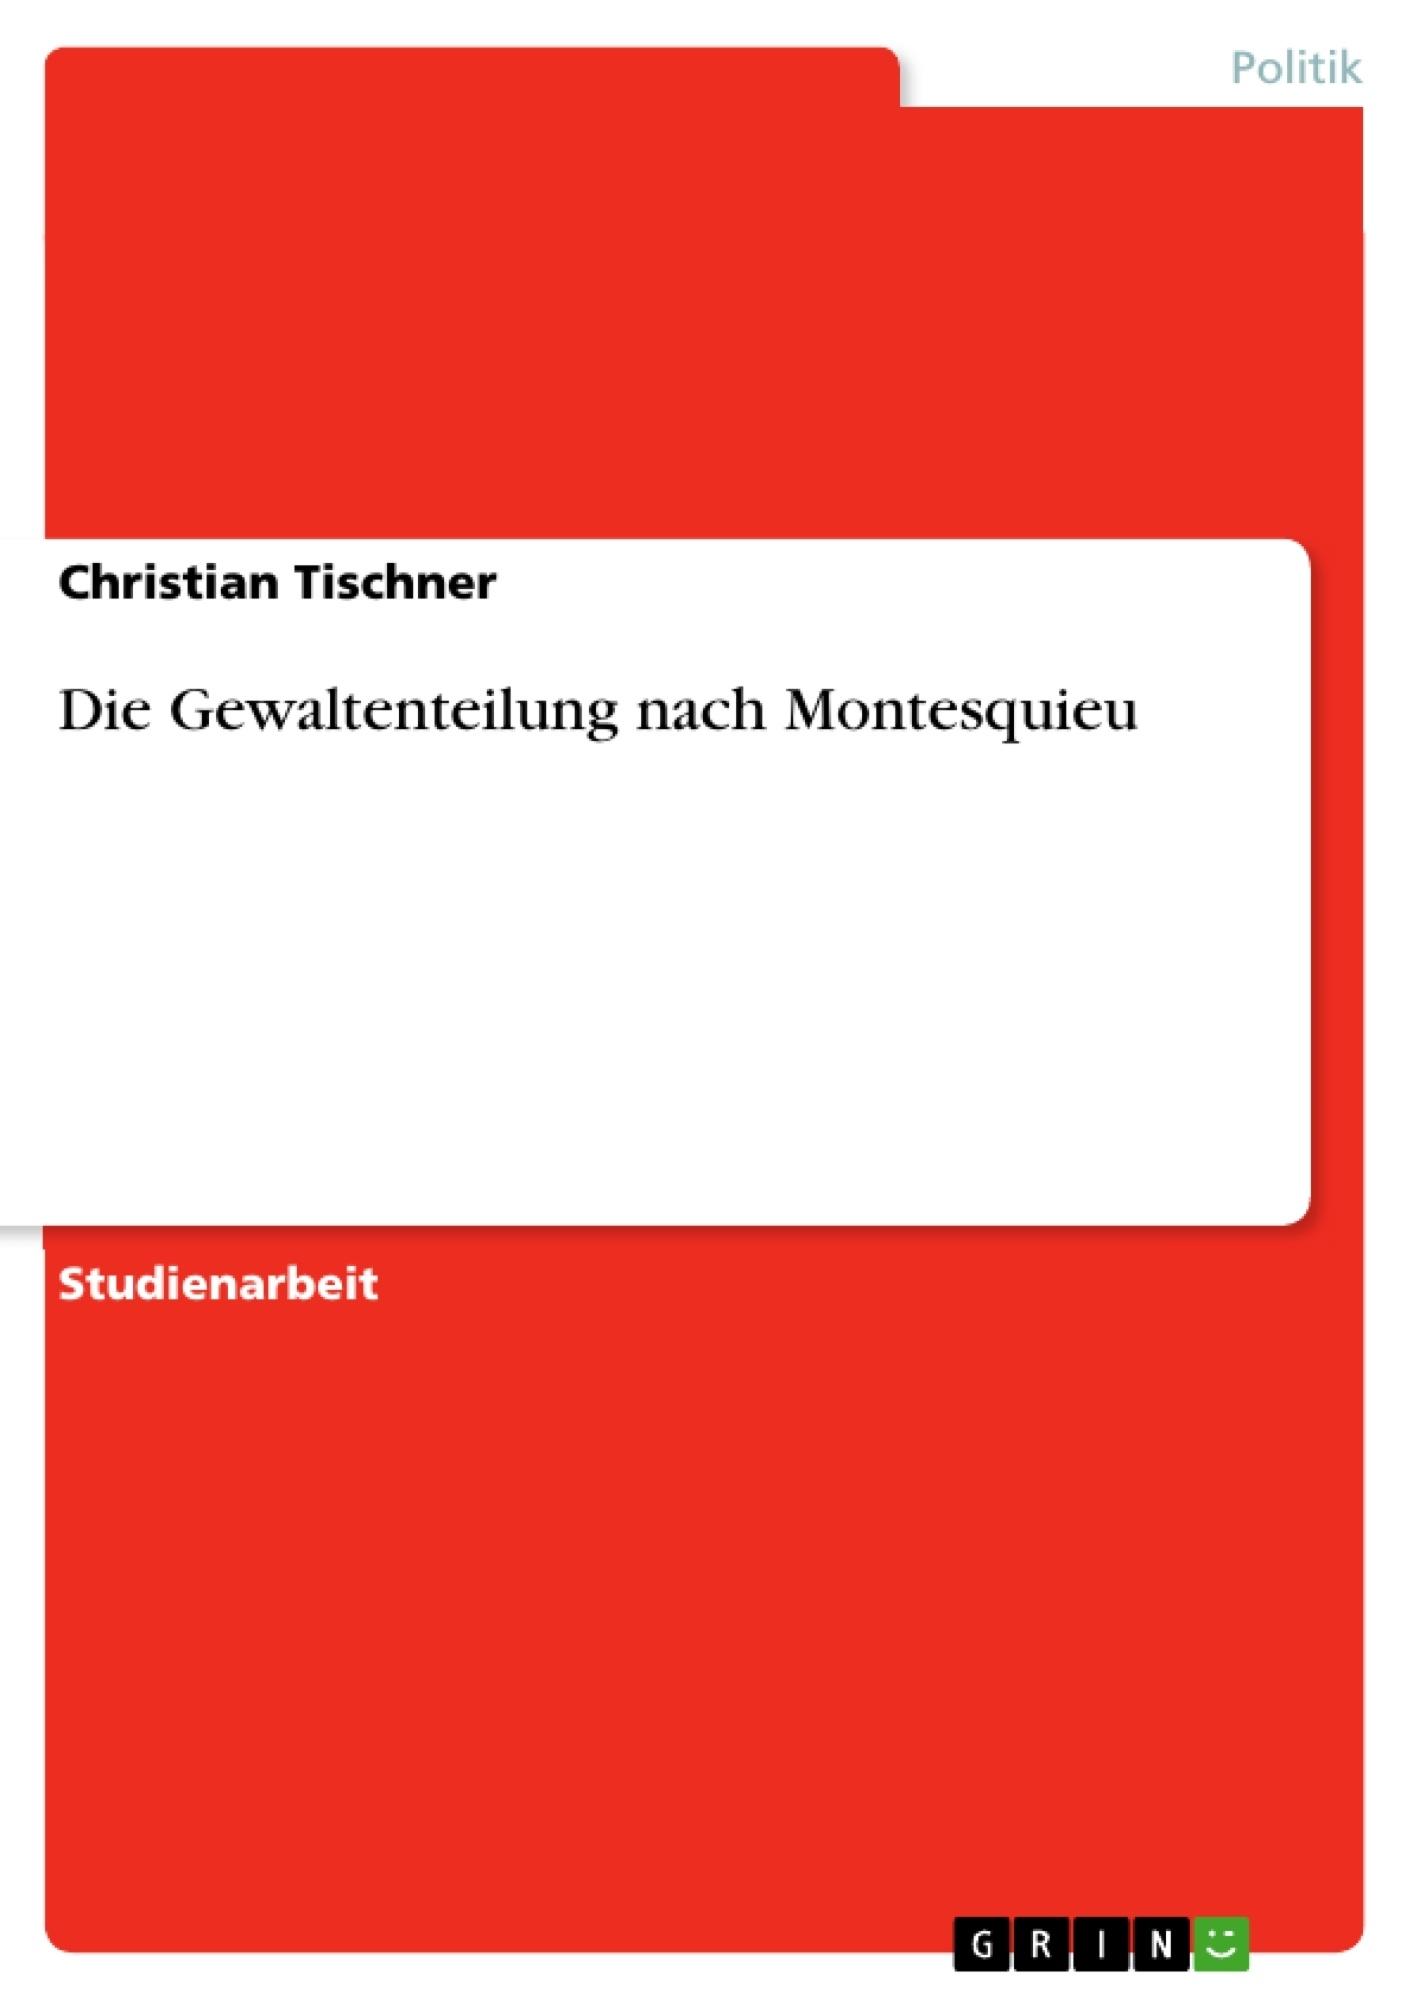 Titel: Die Gewaltenteilung nach Montesquieu